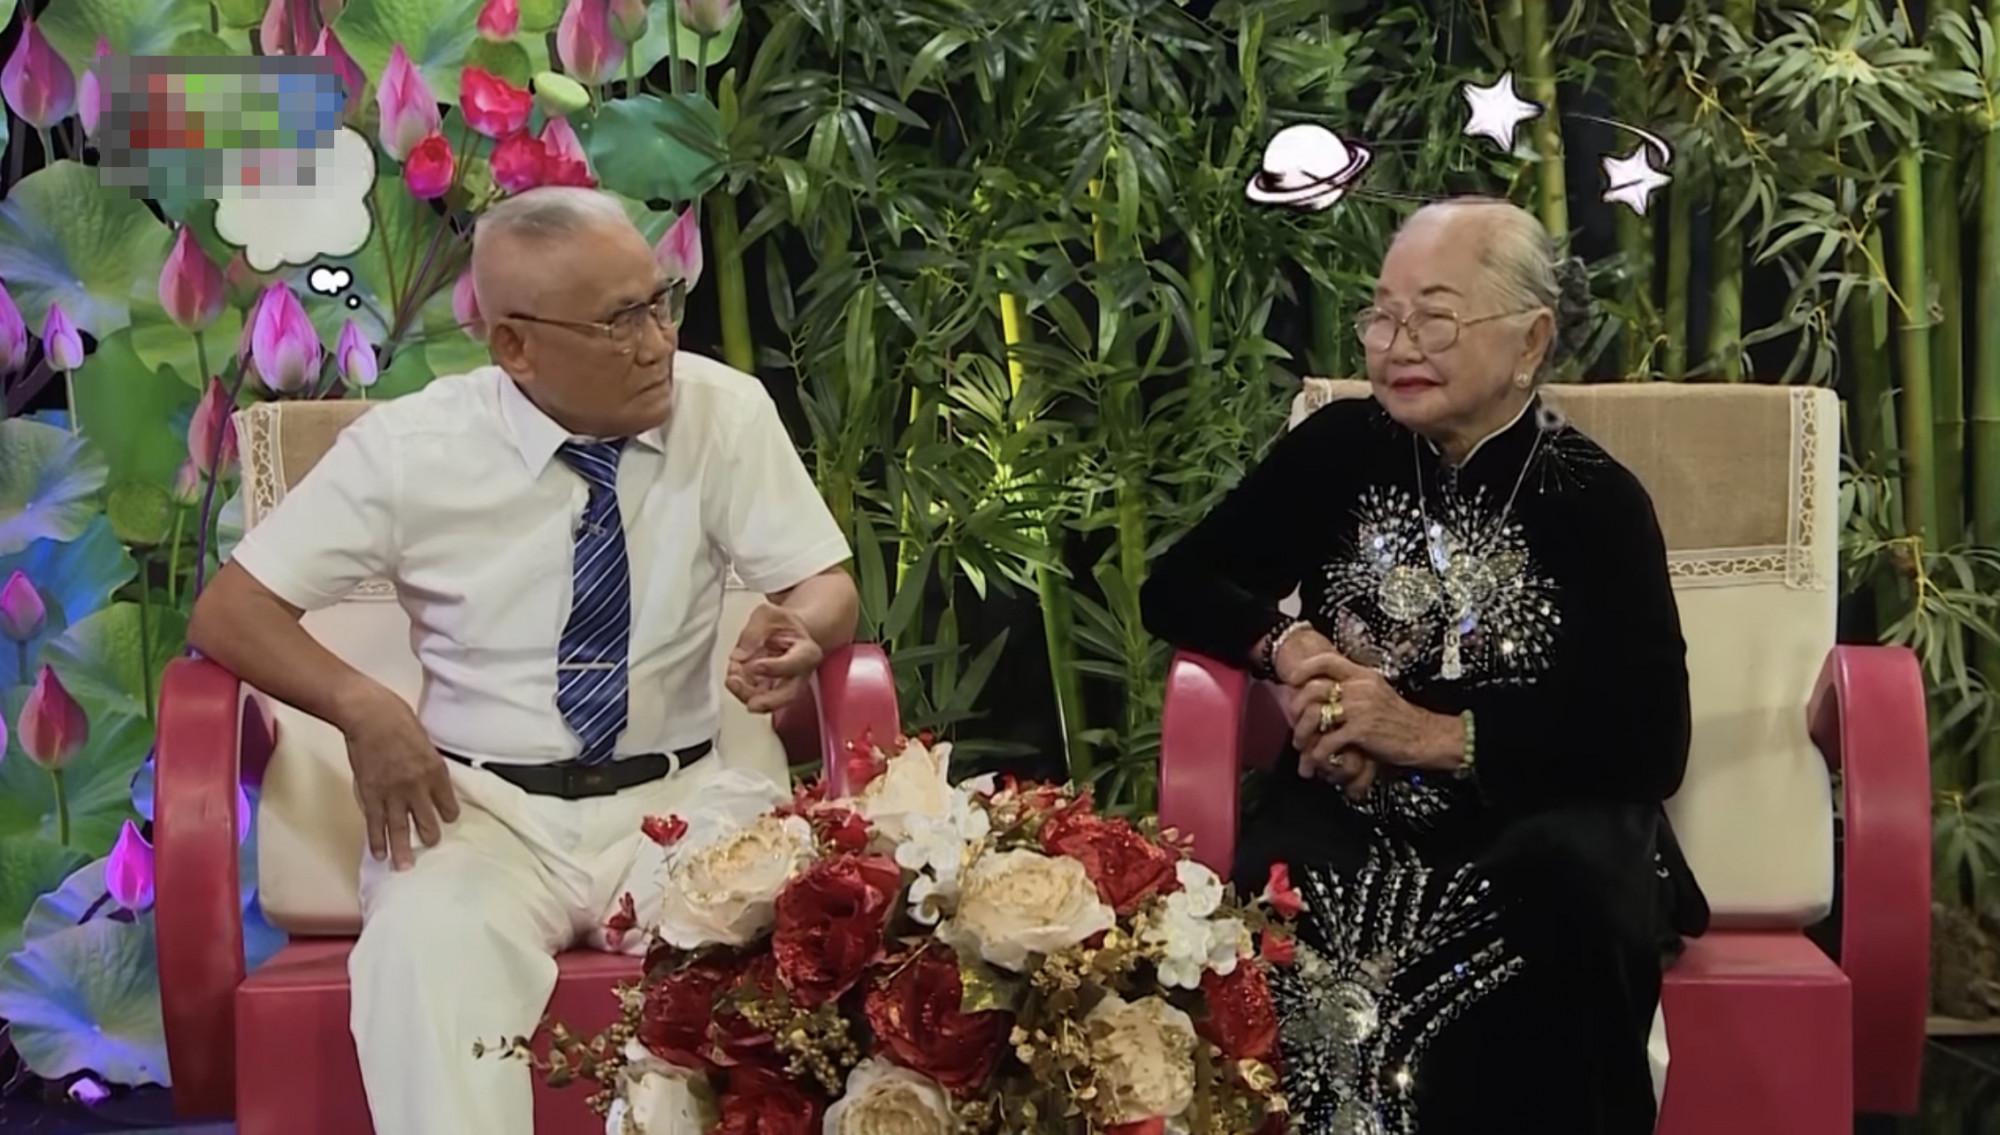 Cụ Huỳnh Văn Ráng và bà cụ Lê Thị Hổ trong chương trình Tình trăm năm